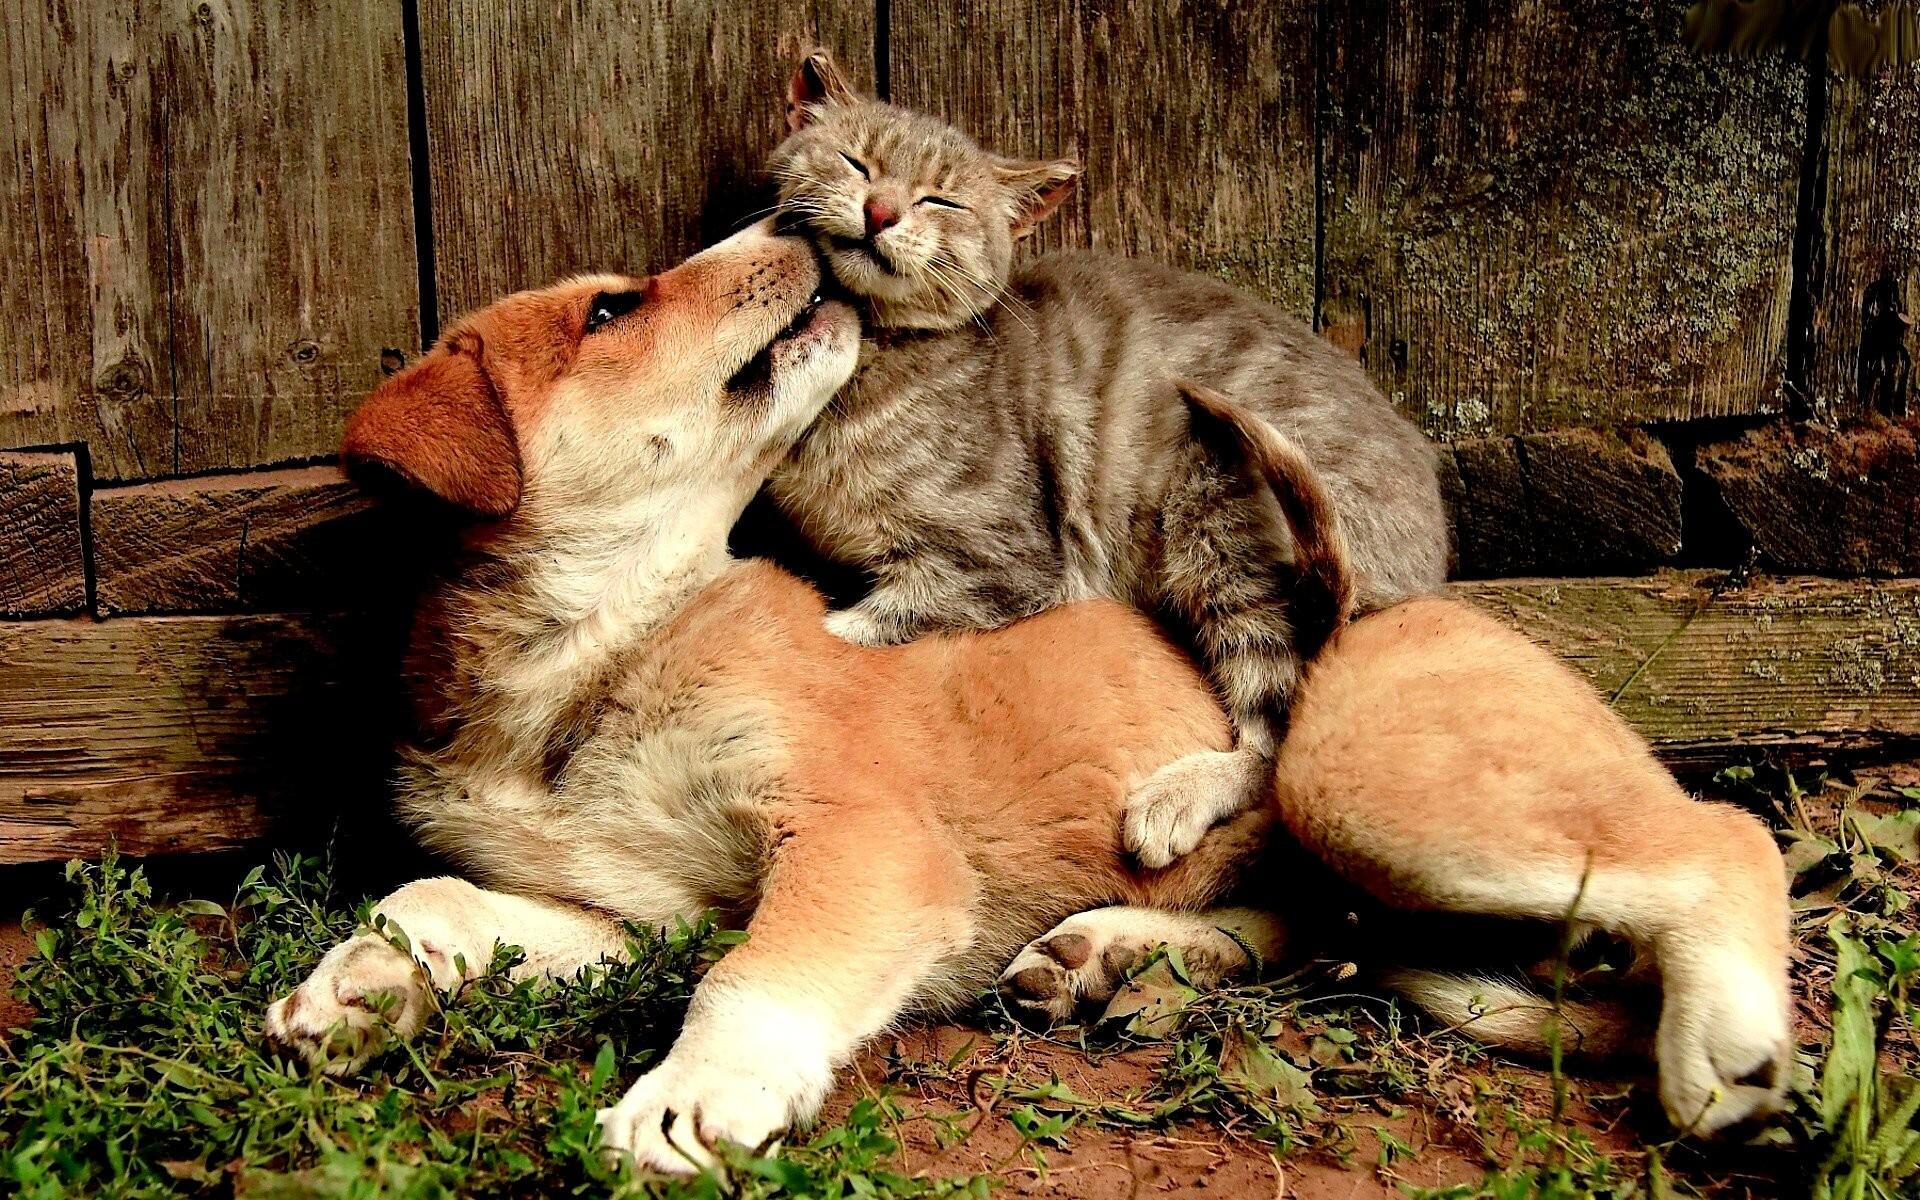 Friends animal cute cat dog wallpaper | | 817677 | WallpaperUP